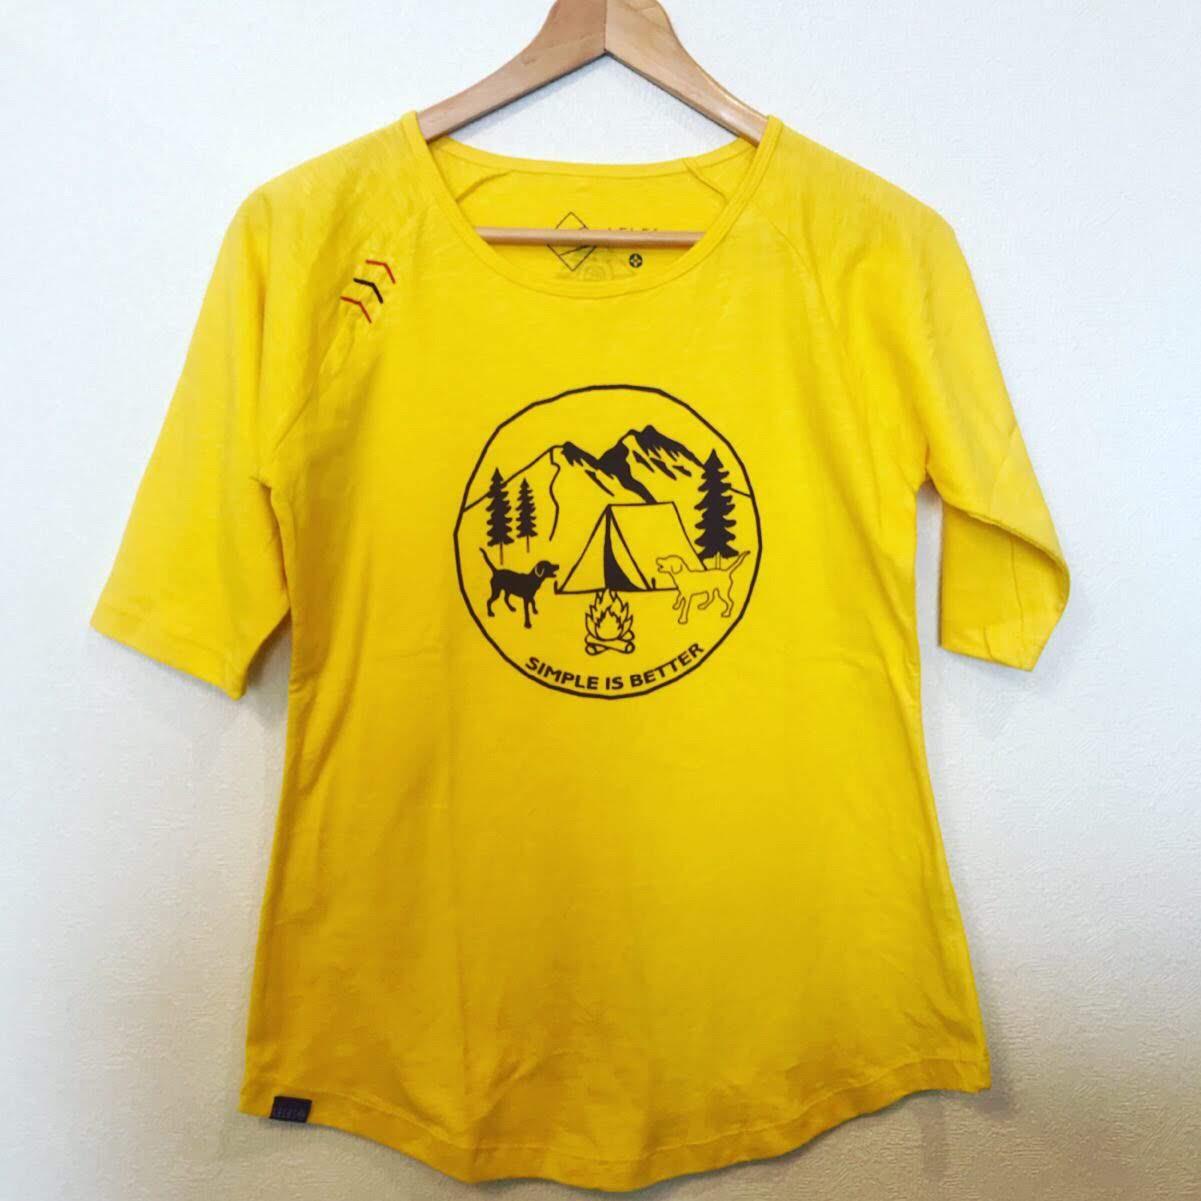 ラグランTシャツ わんことキャンプ イエロー画像